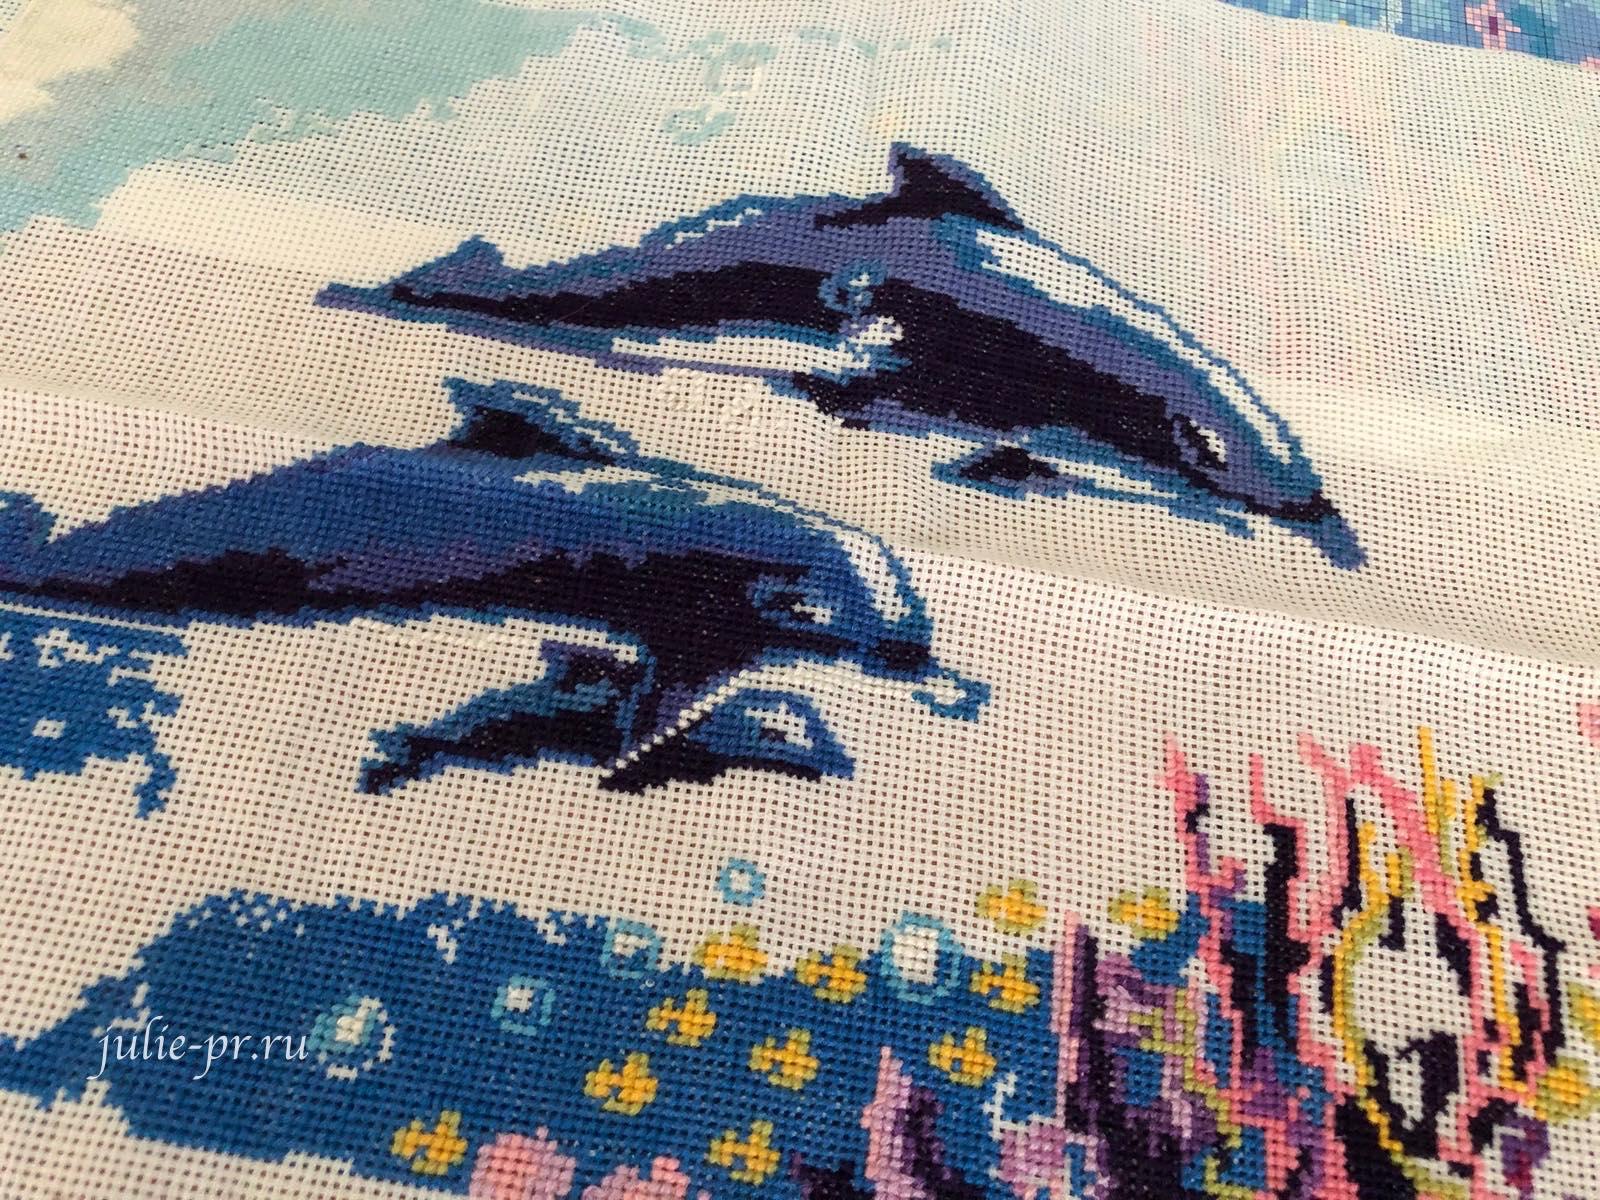 Дельфины, Схема Социальное действие, вышивка крестом, белорусская могилевская канва аида, не покупайте